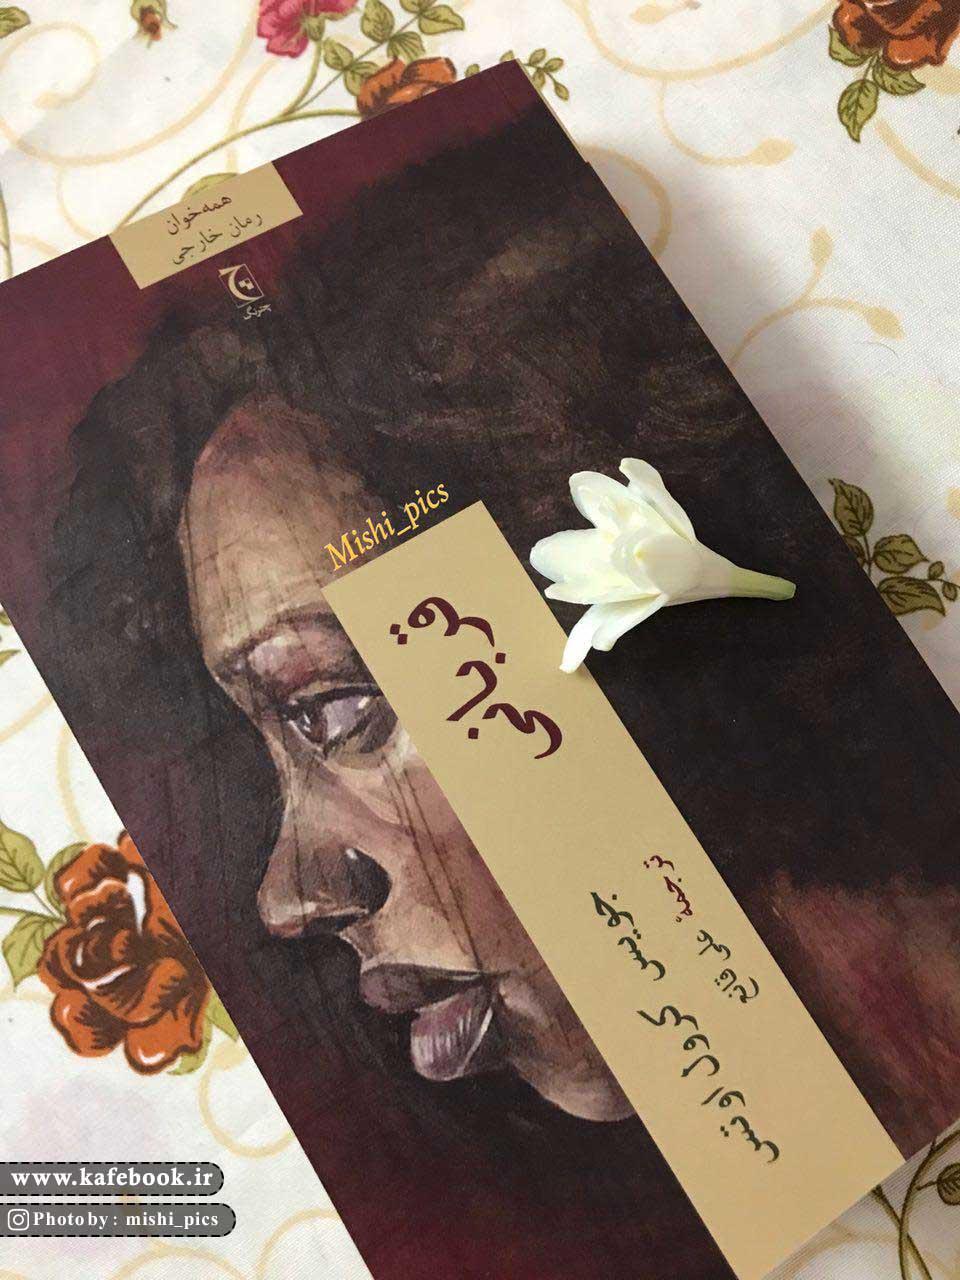 معرفی رمان قربانی در کافه بوک